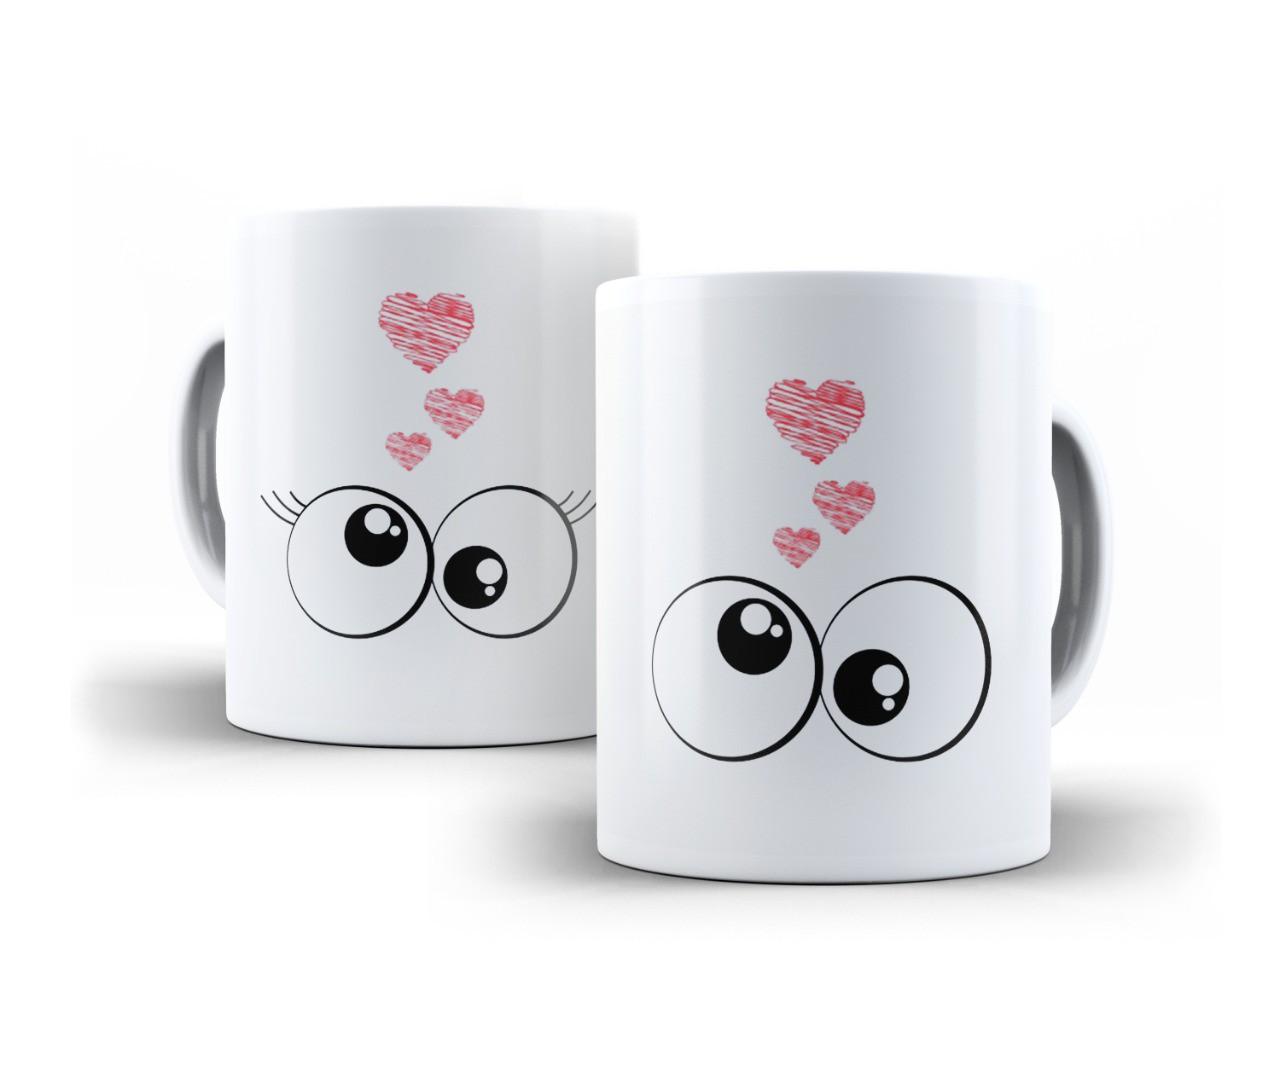 Canecas Casal Porcelana Olhar Apaixonado